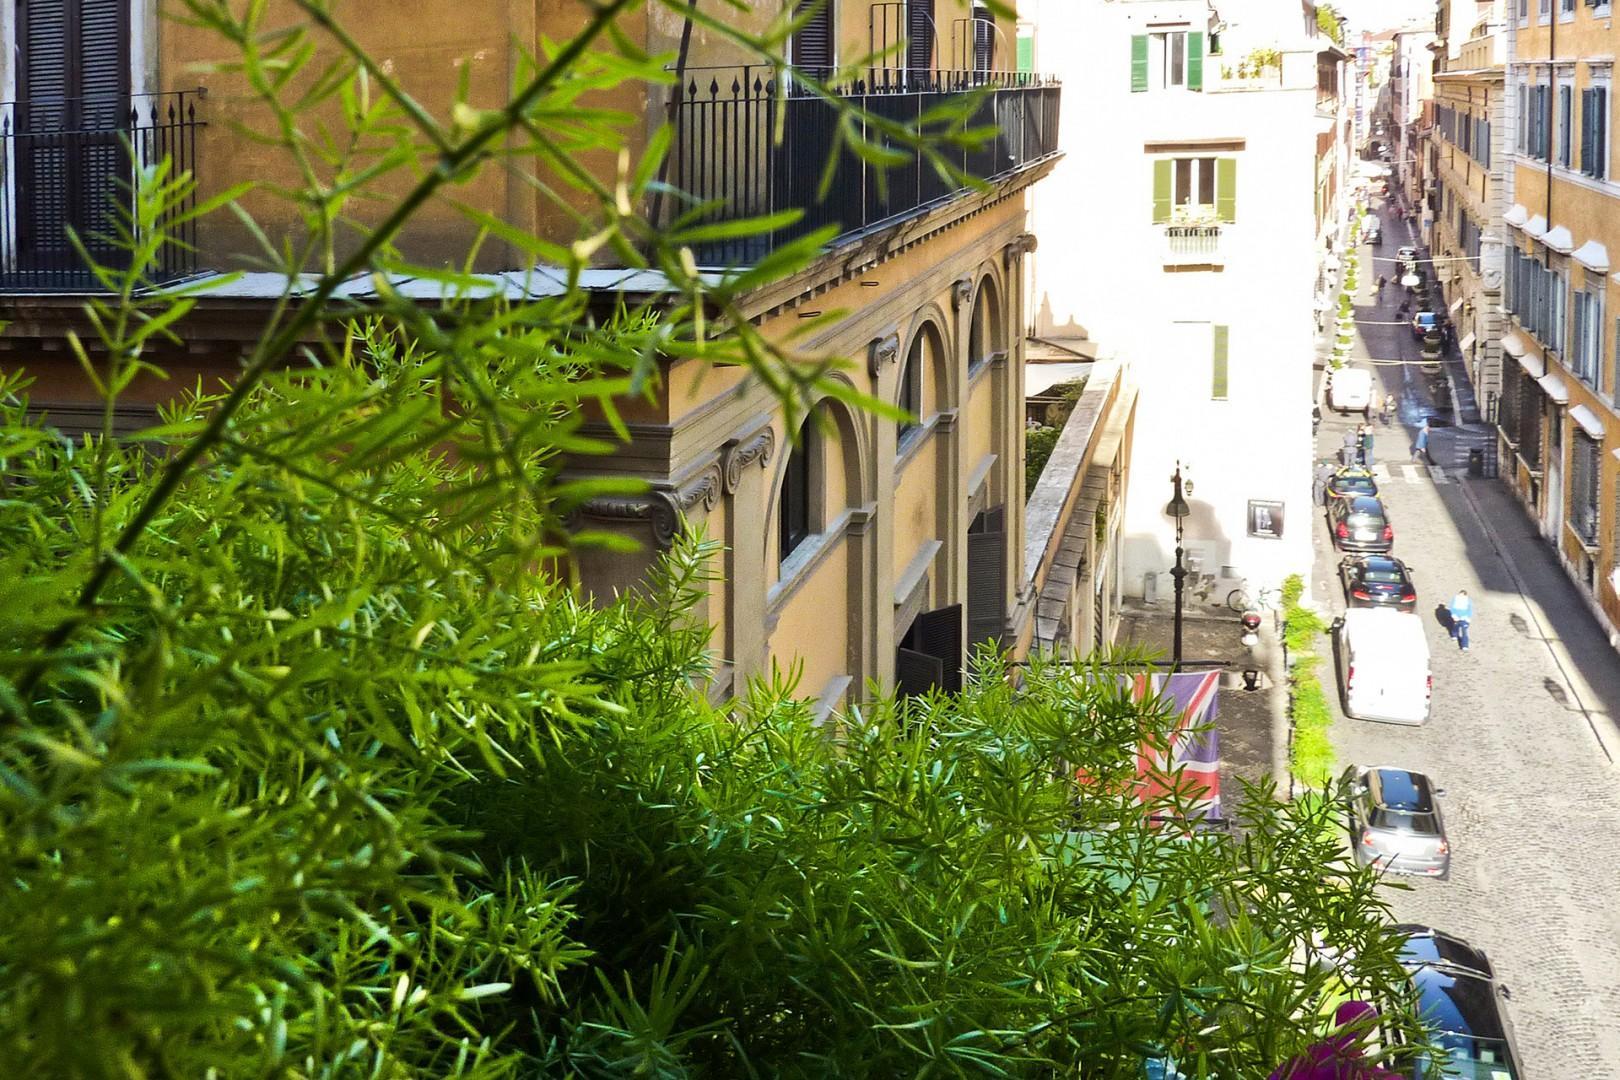 View of the refined Hotel d'Inghilterra next door.